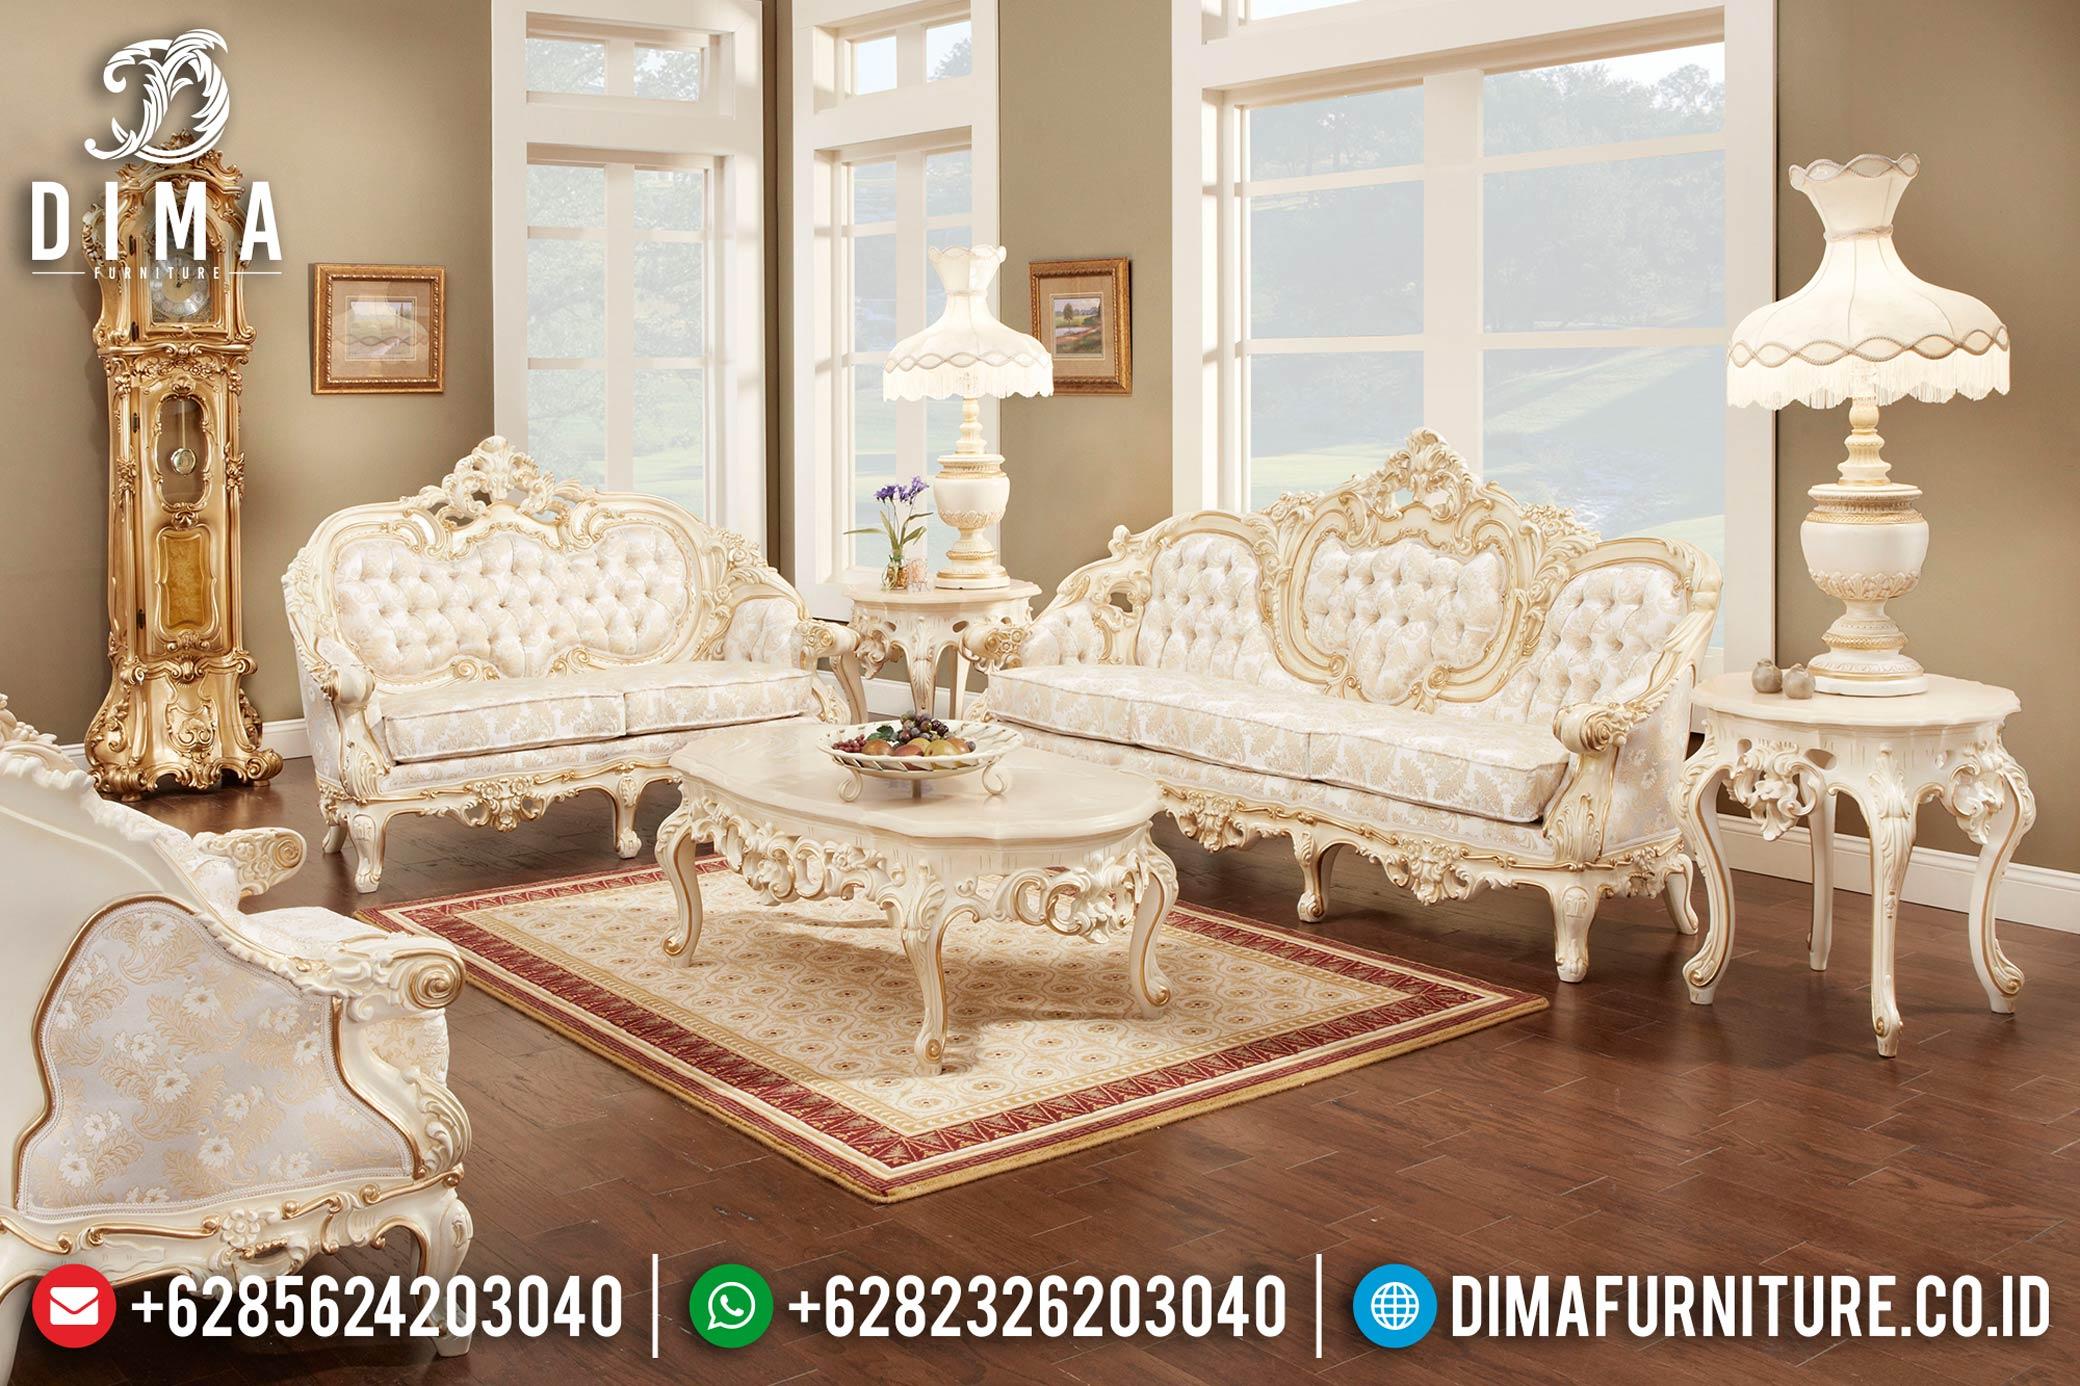 Sofa Tamu Jepara Mewah Minimalis Terbaru 01 Dima Furniture Jepara